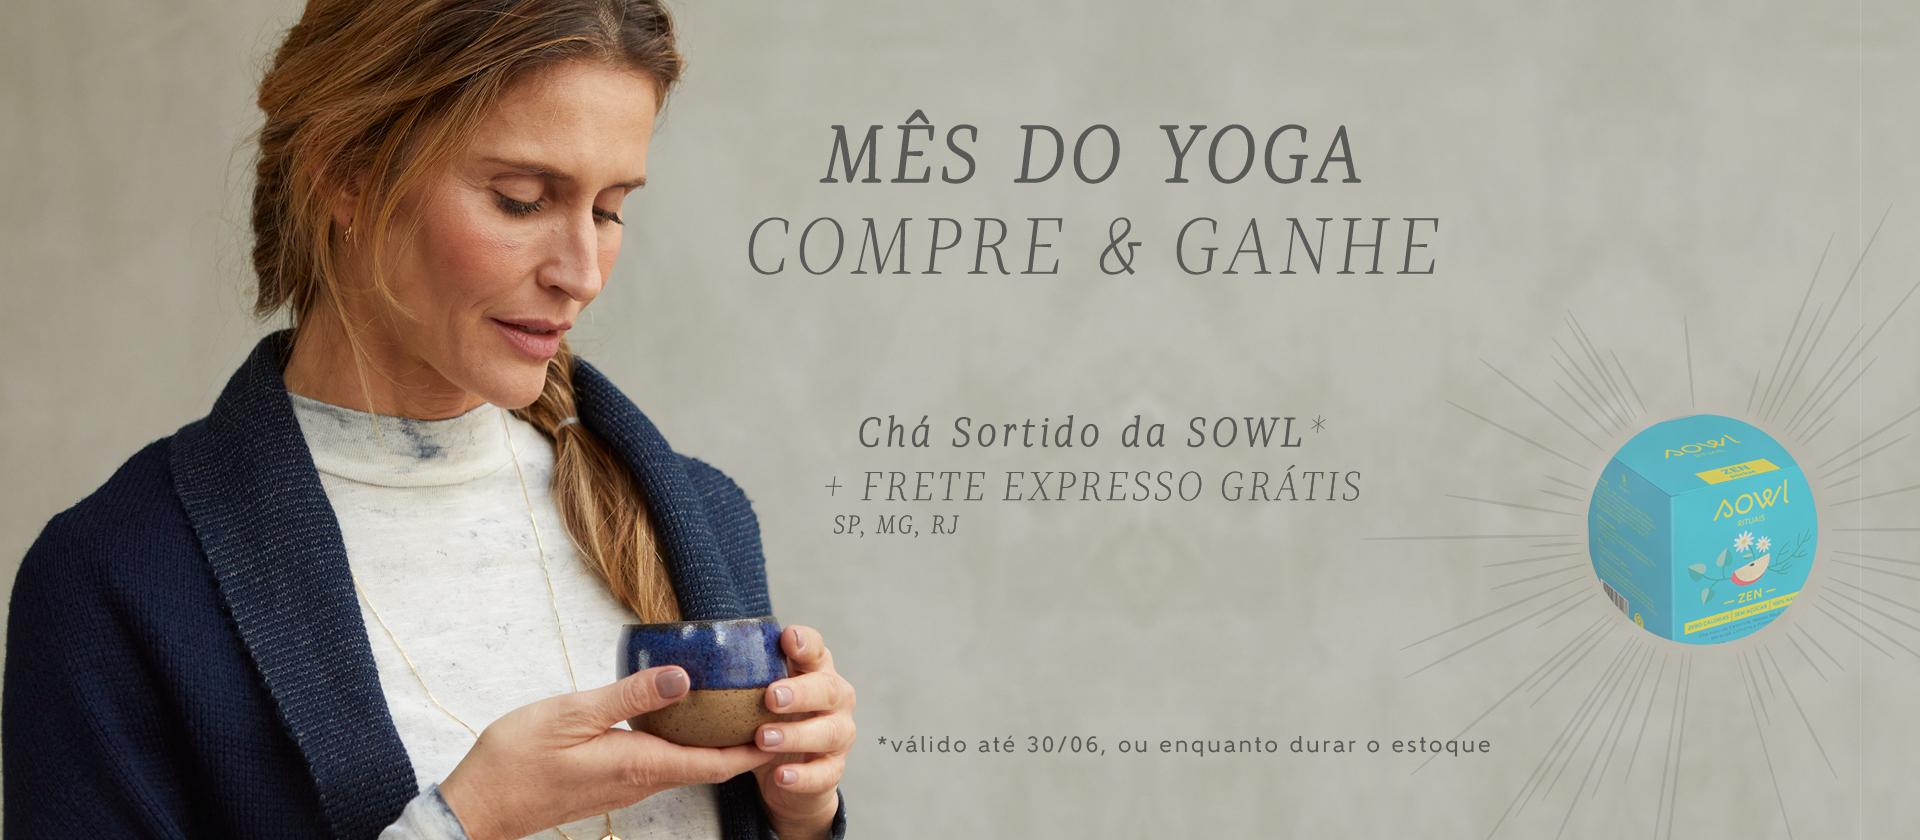 Desktop - 18/06 - Mês do Yoga